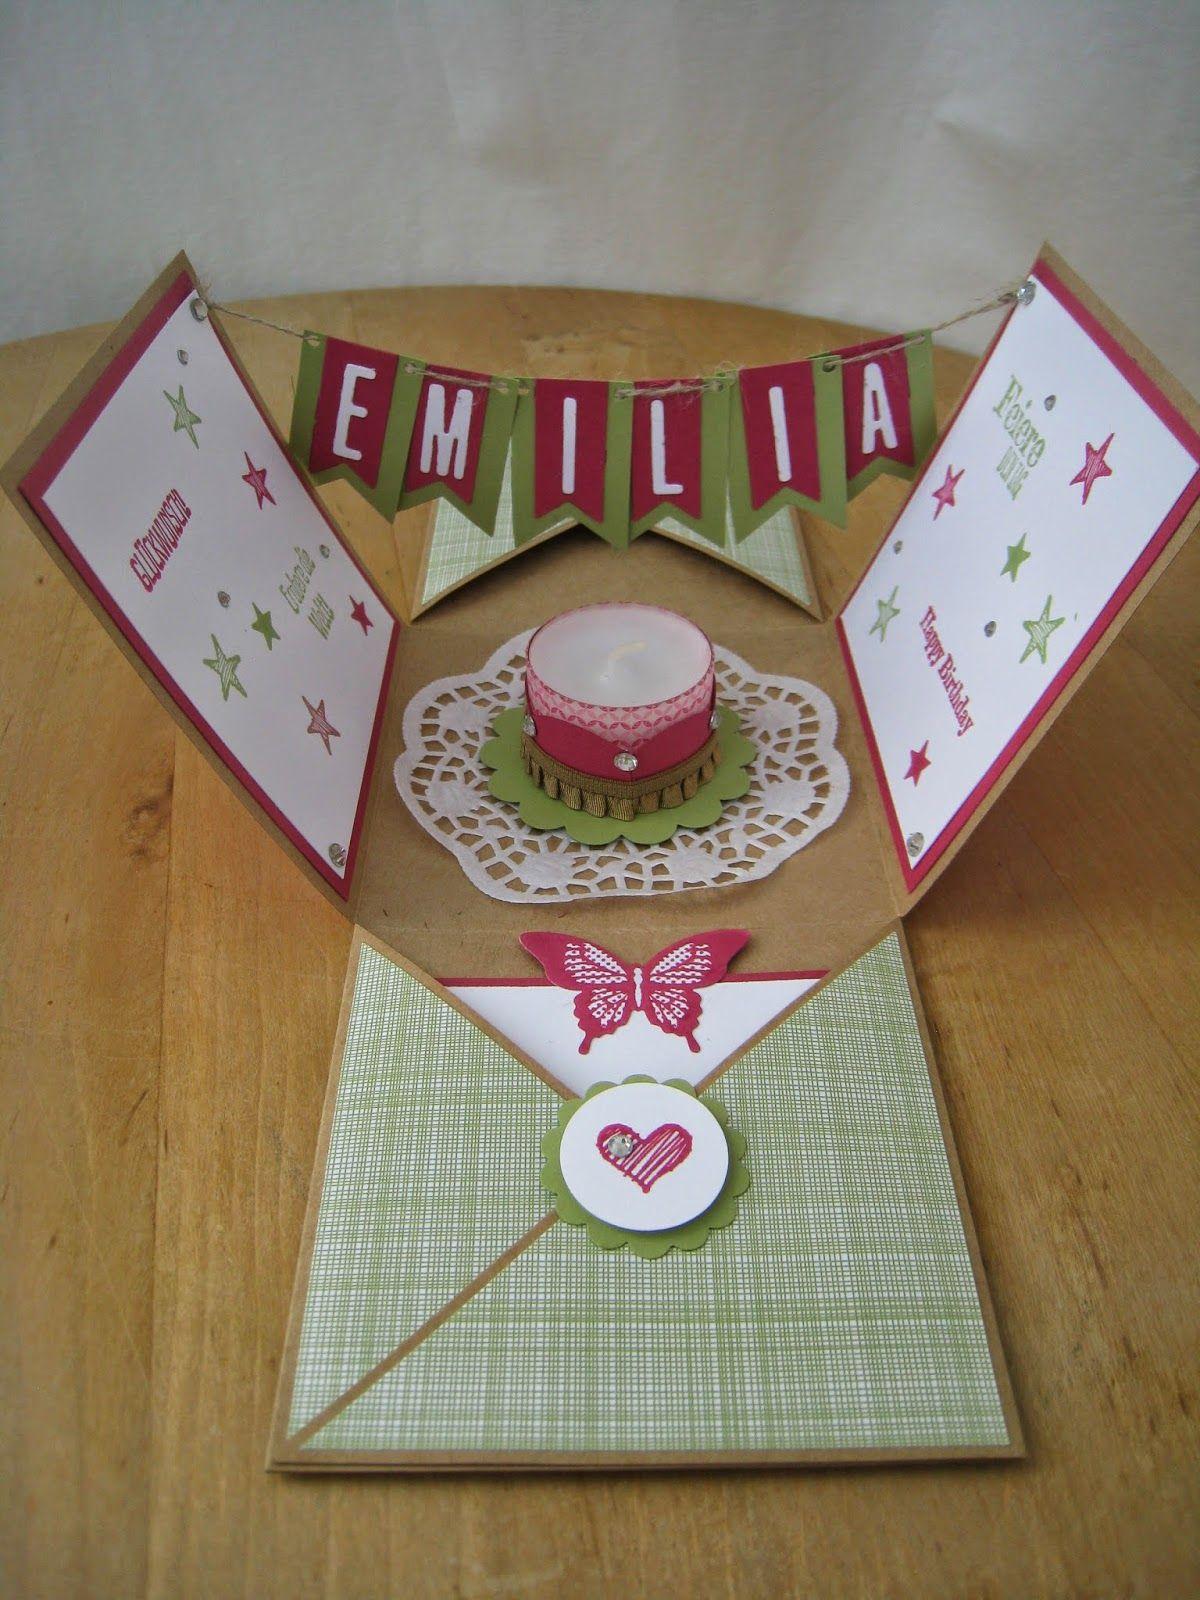 Explosionsbox Zum Geburtstag Geschenke Geschenke Zum Geburtstag